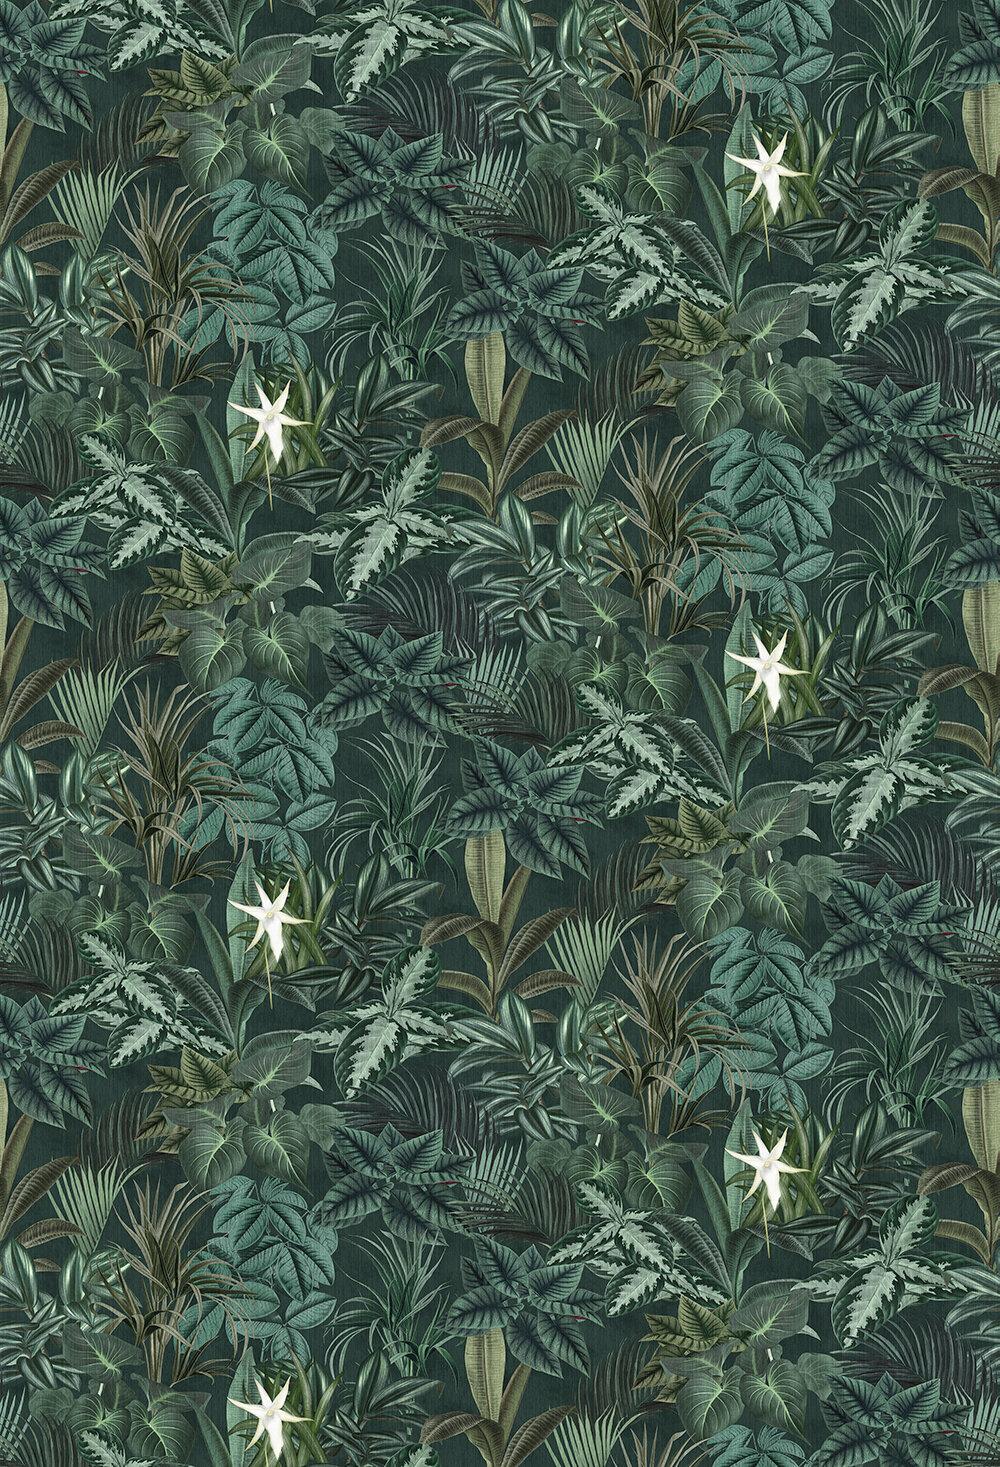 Madagascar Leaves Mural - Dark Green - by Boråstapeter